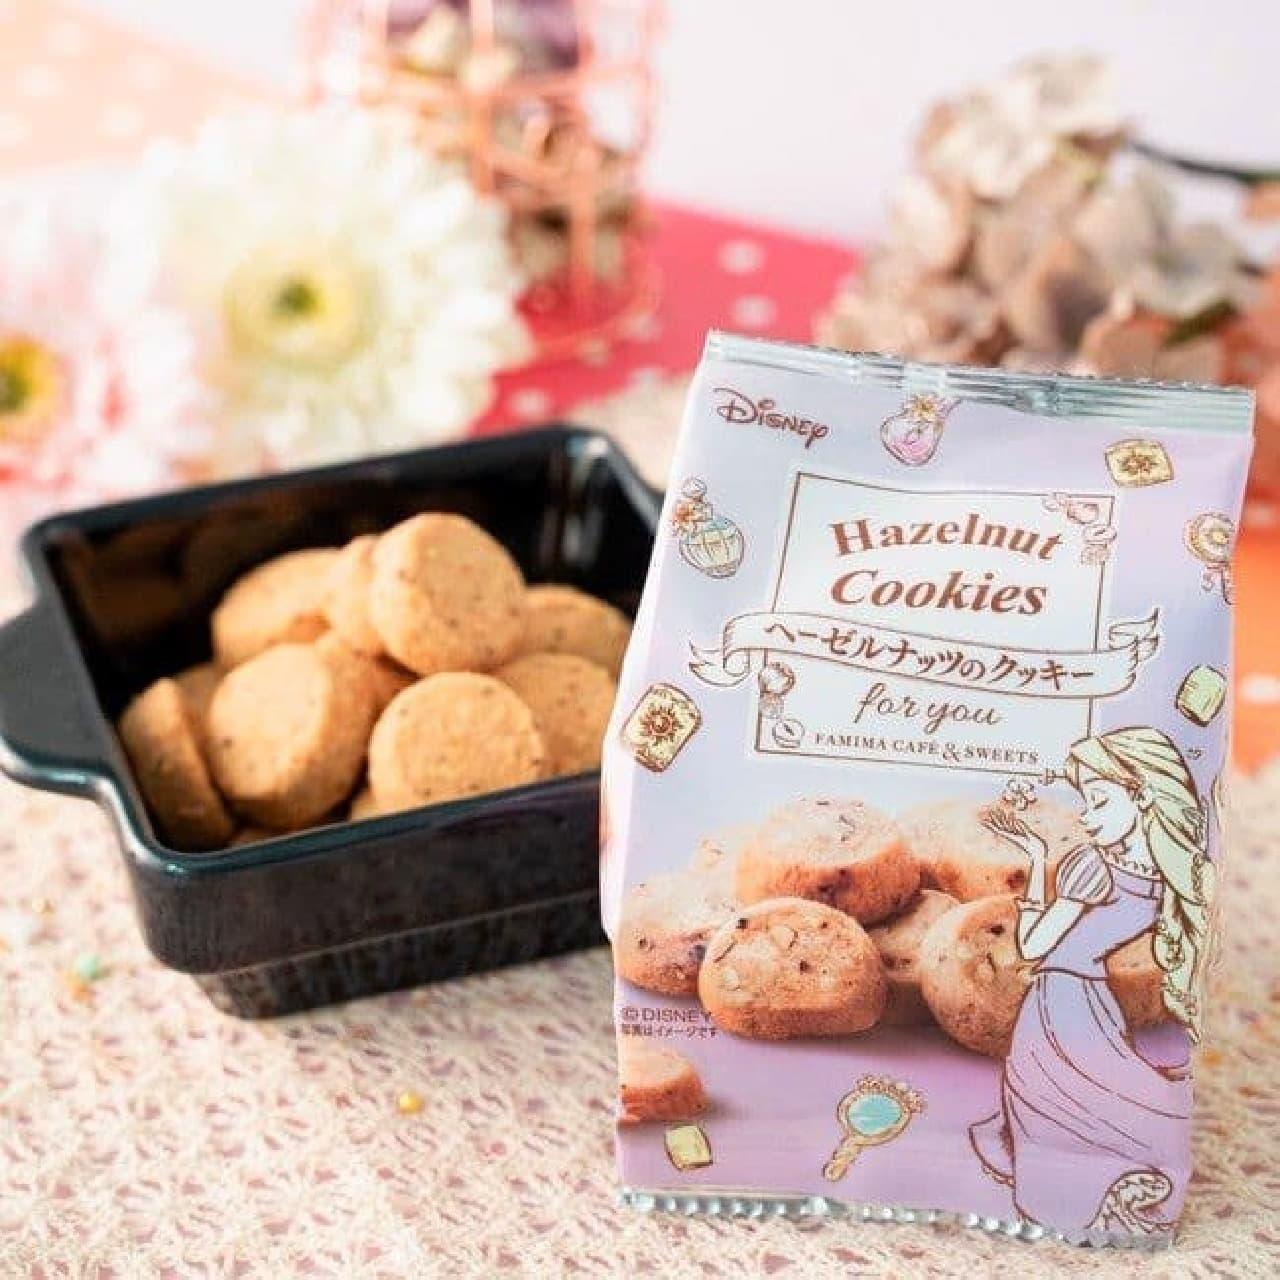 ファミリーマート ラプンツェルの「ヘーゼルナッツのクッキー」